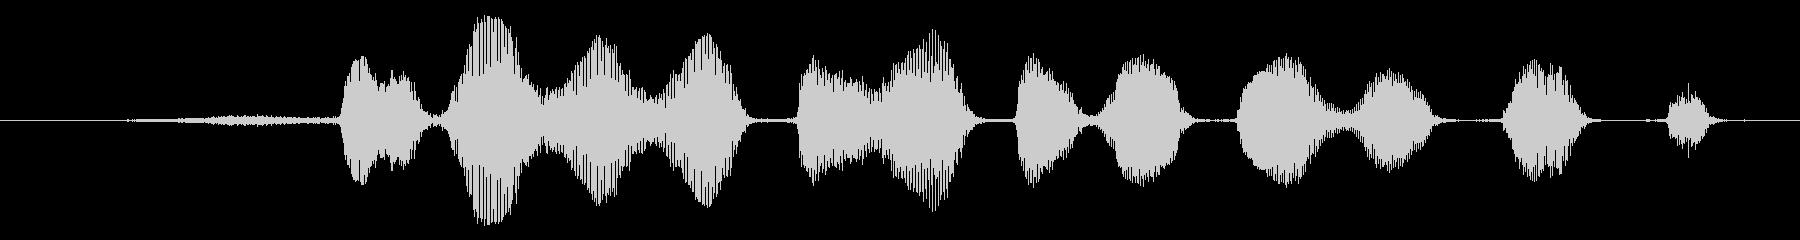 鳴き声 ゴブリン笑い01の未再生の波形